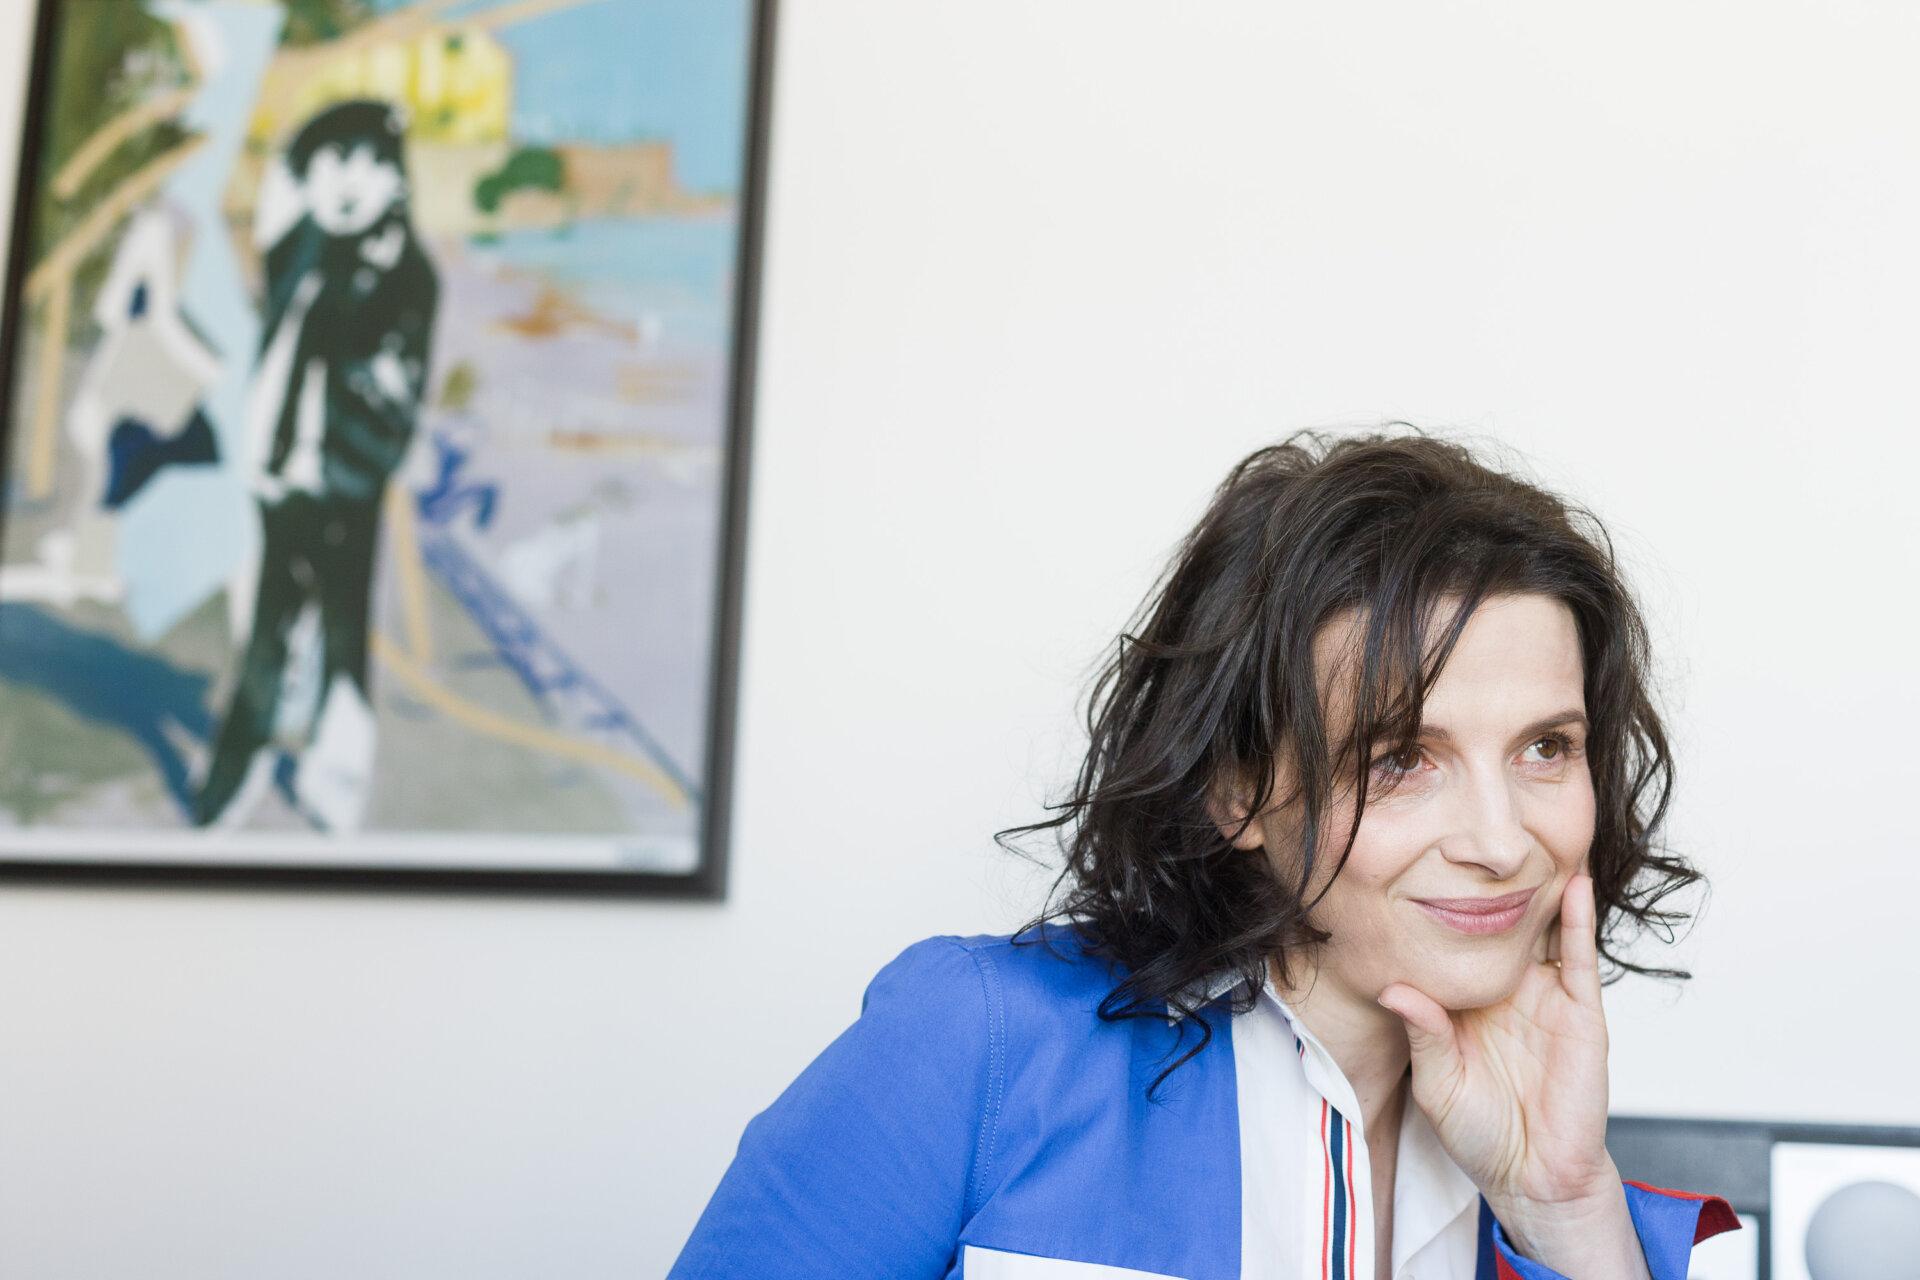 Frankreich, Frau, Künstler, Porträt, filmstar, juliette binoche, schauspielerin, star